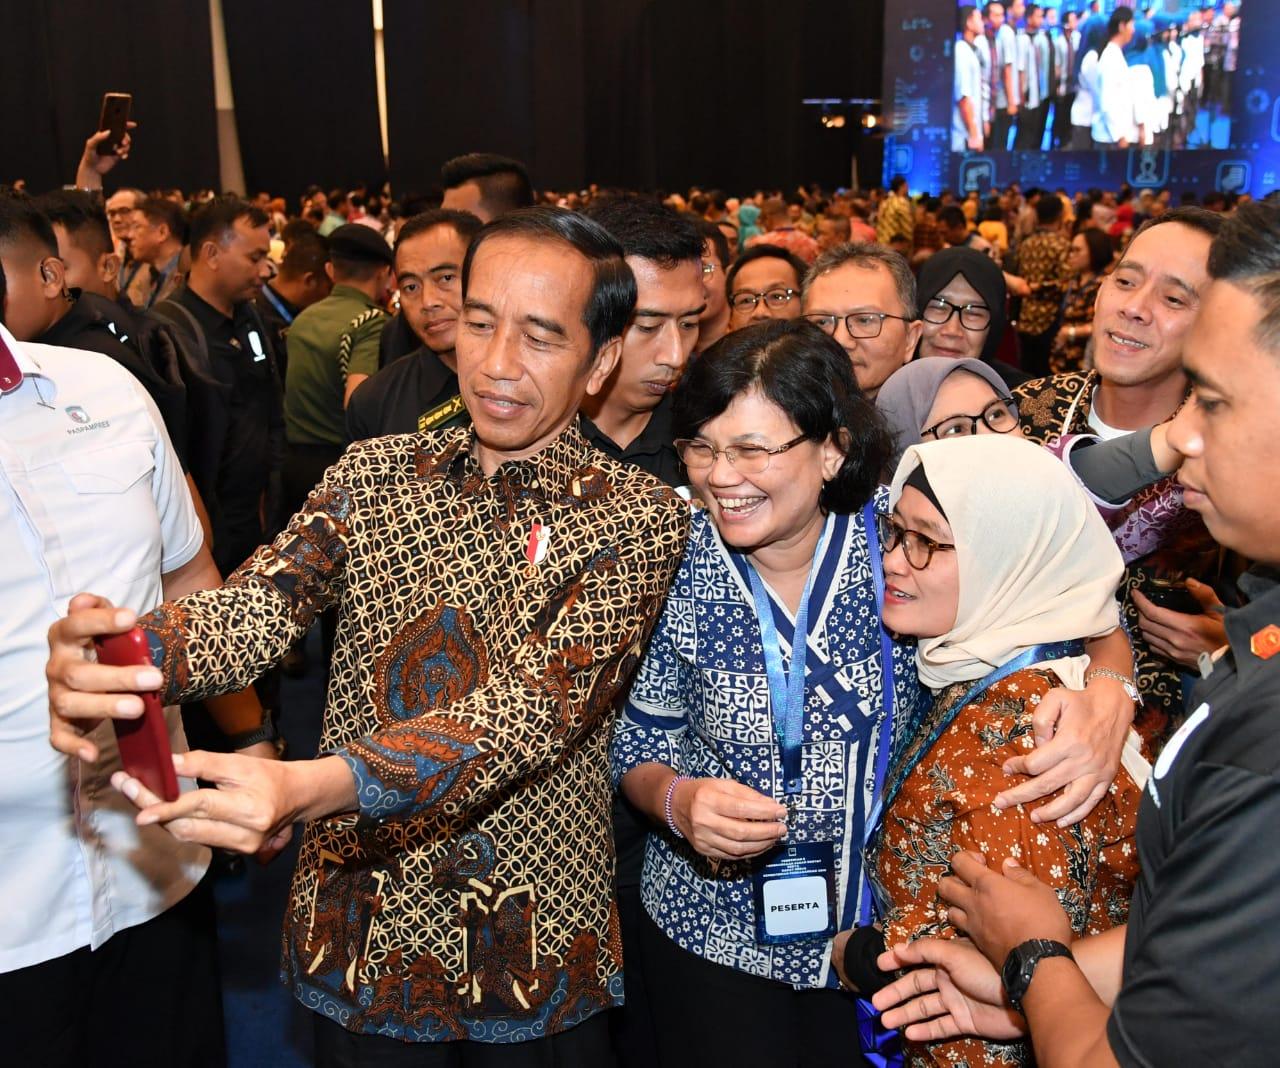 presiden-jokowi-pemerintah-beri-perhatian-besar-bagi-perkembangan-pasar-rakyat-23